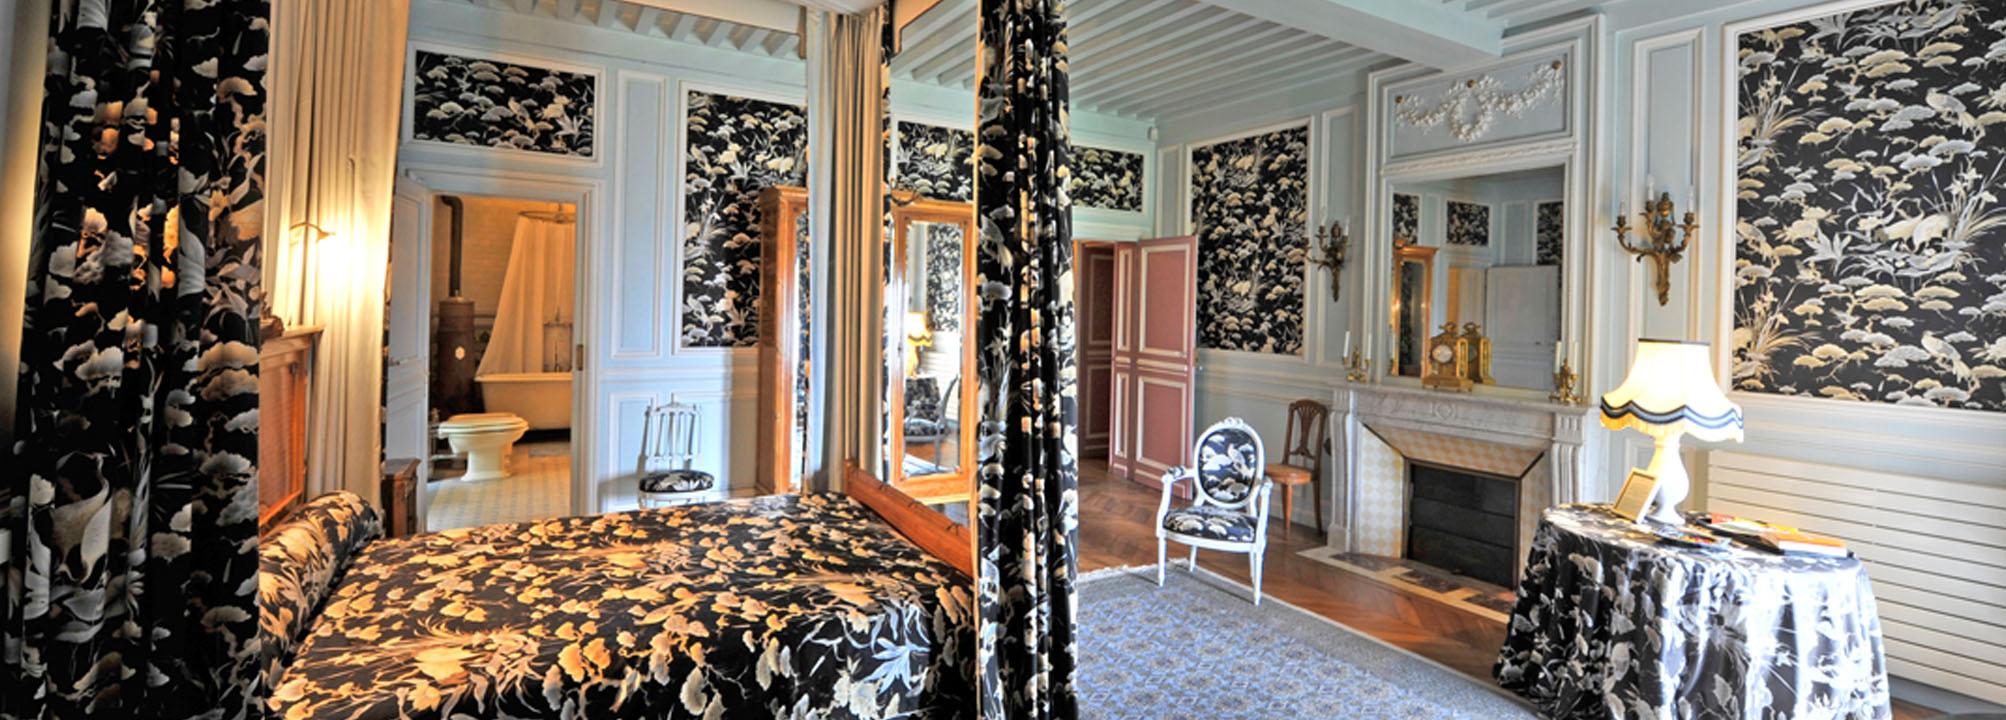 Vollore chambre ch teau de vollore chambres d 39 h tes for Auvergne chambre d hote